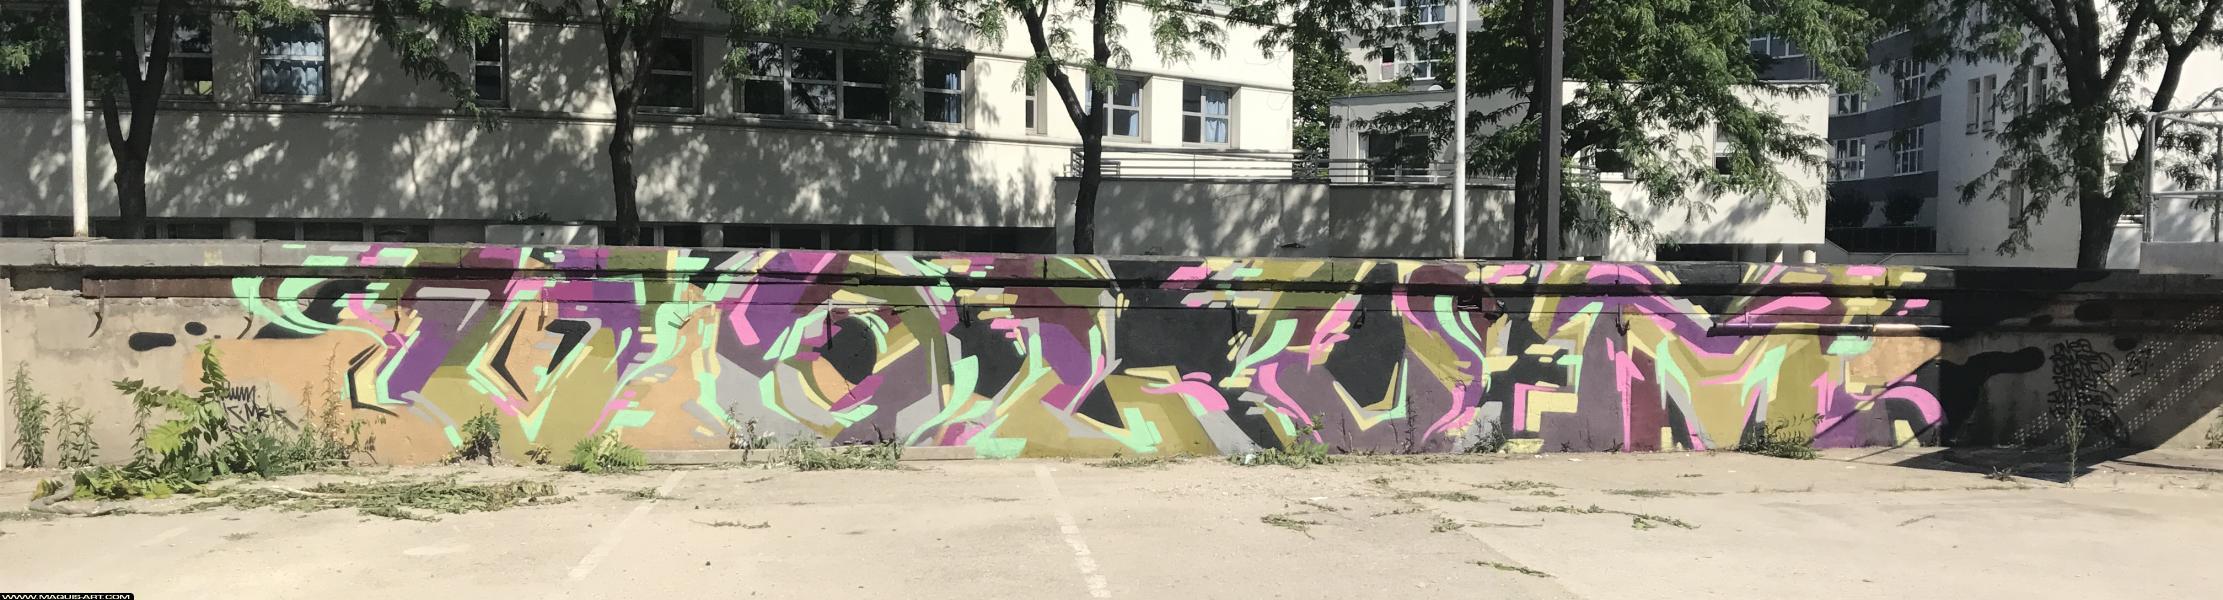 Photo de VOLUM, réalisée au Maquis-art Wall of fame - L'aérosol, Paris